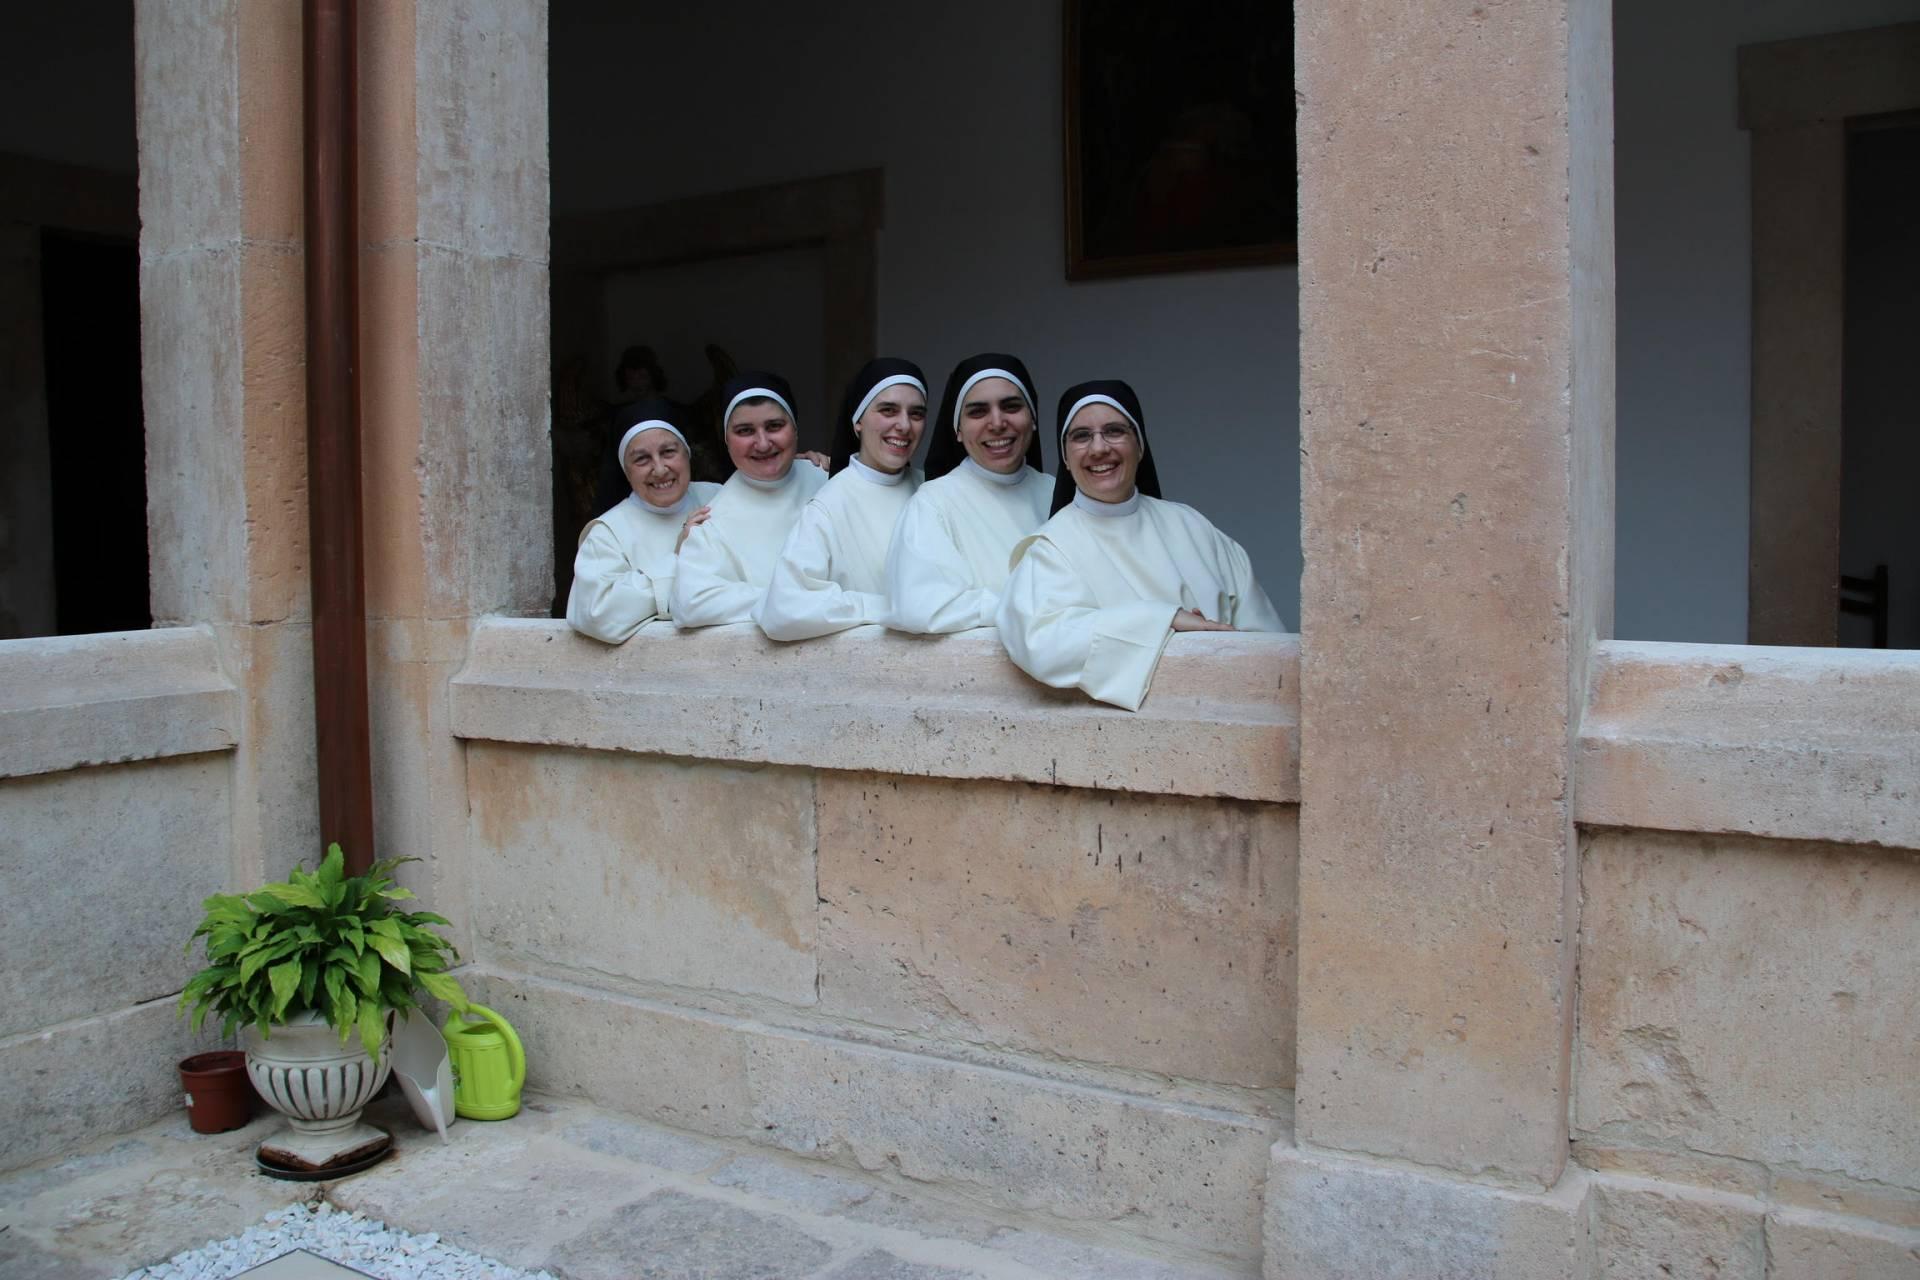 Las cinco religiosas que participan habitualmente en la difusión del «reto de amor».